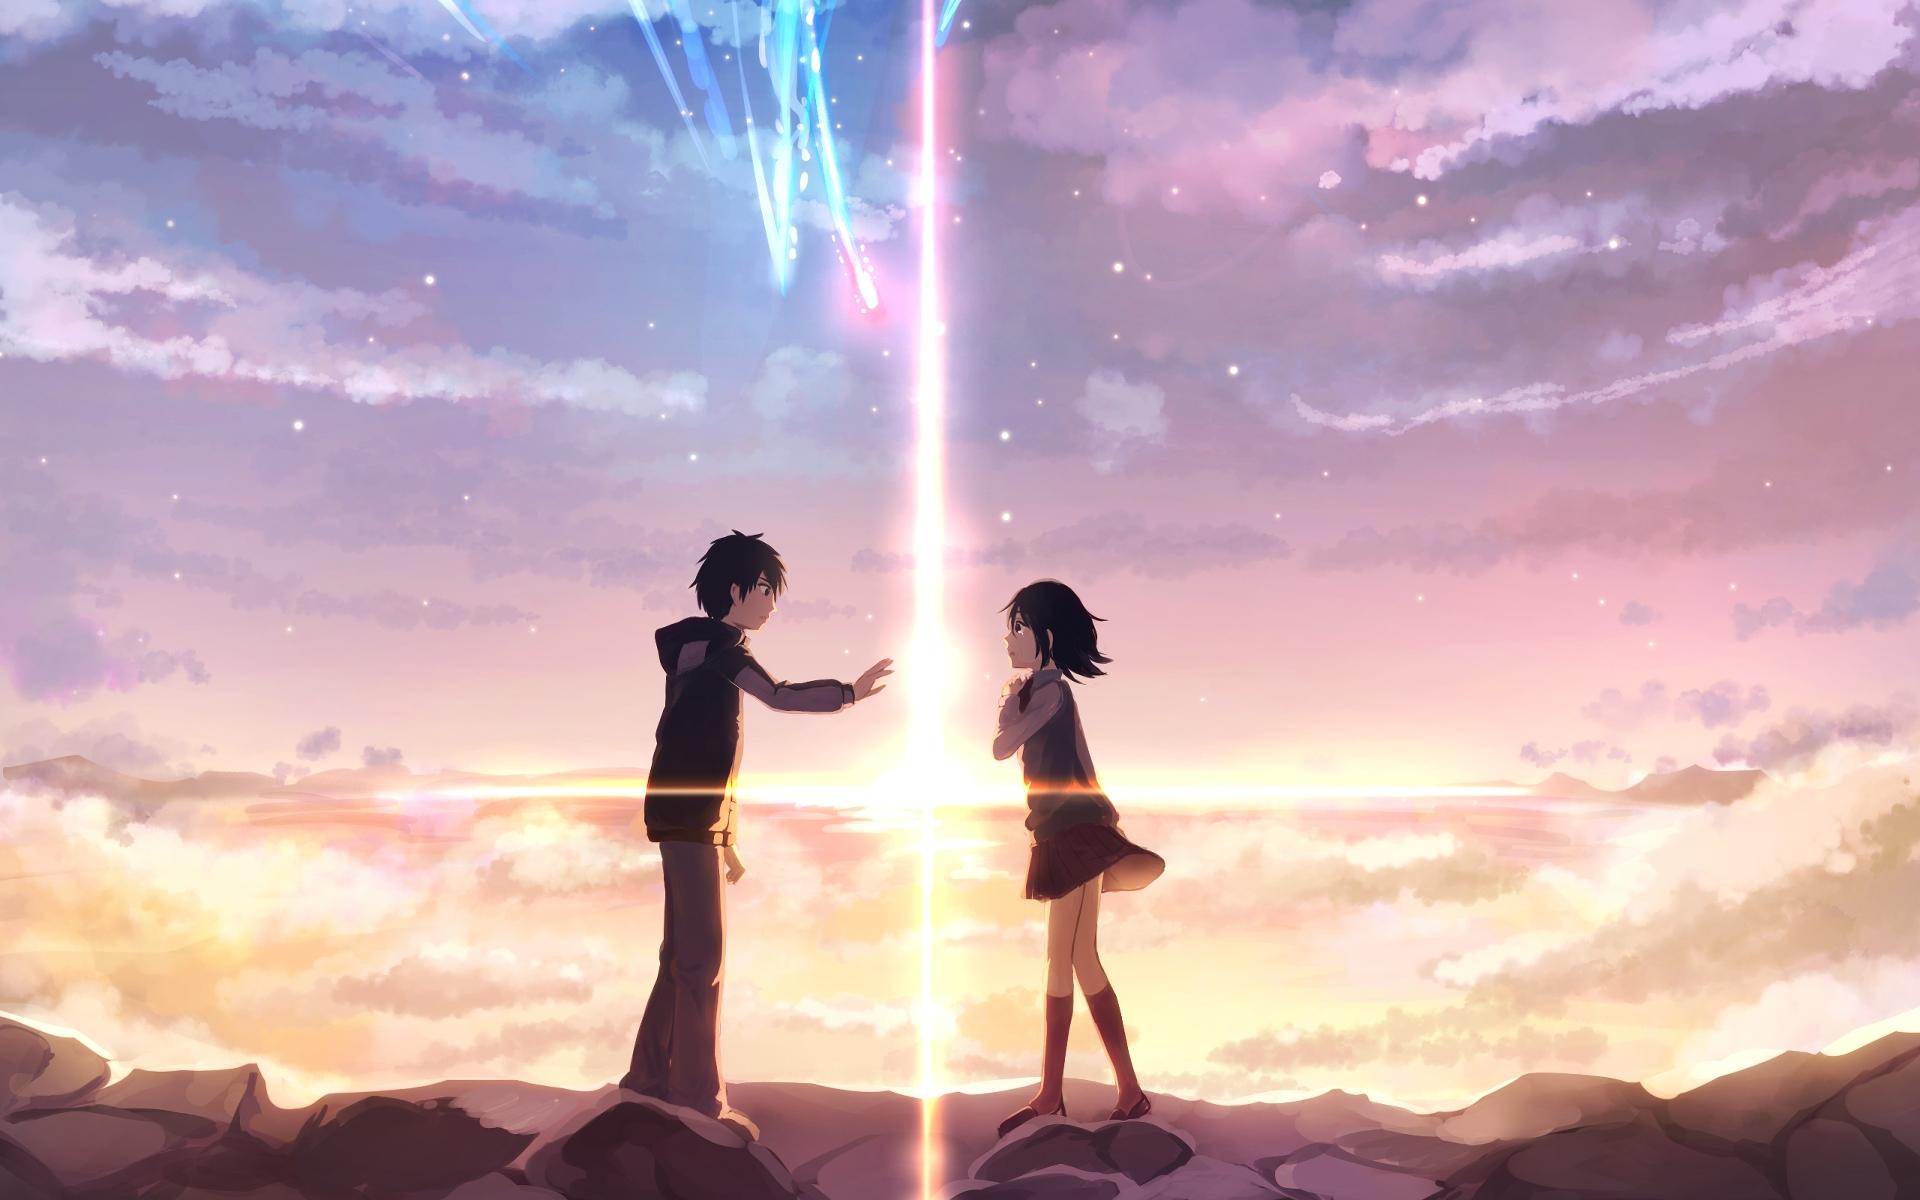 anime your name. mitsuha miyamizu taki tachibana kimi no na wa. fond